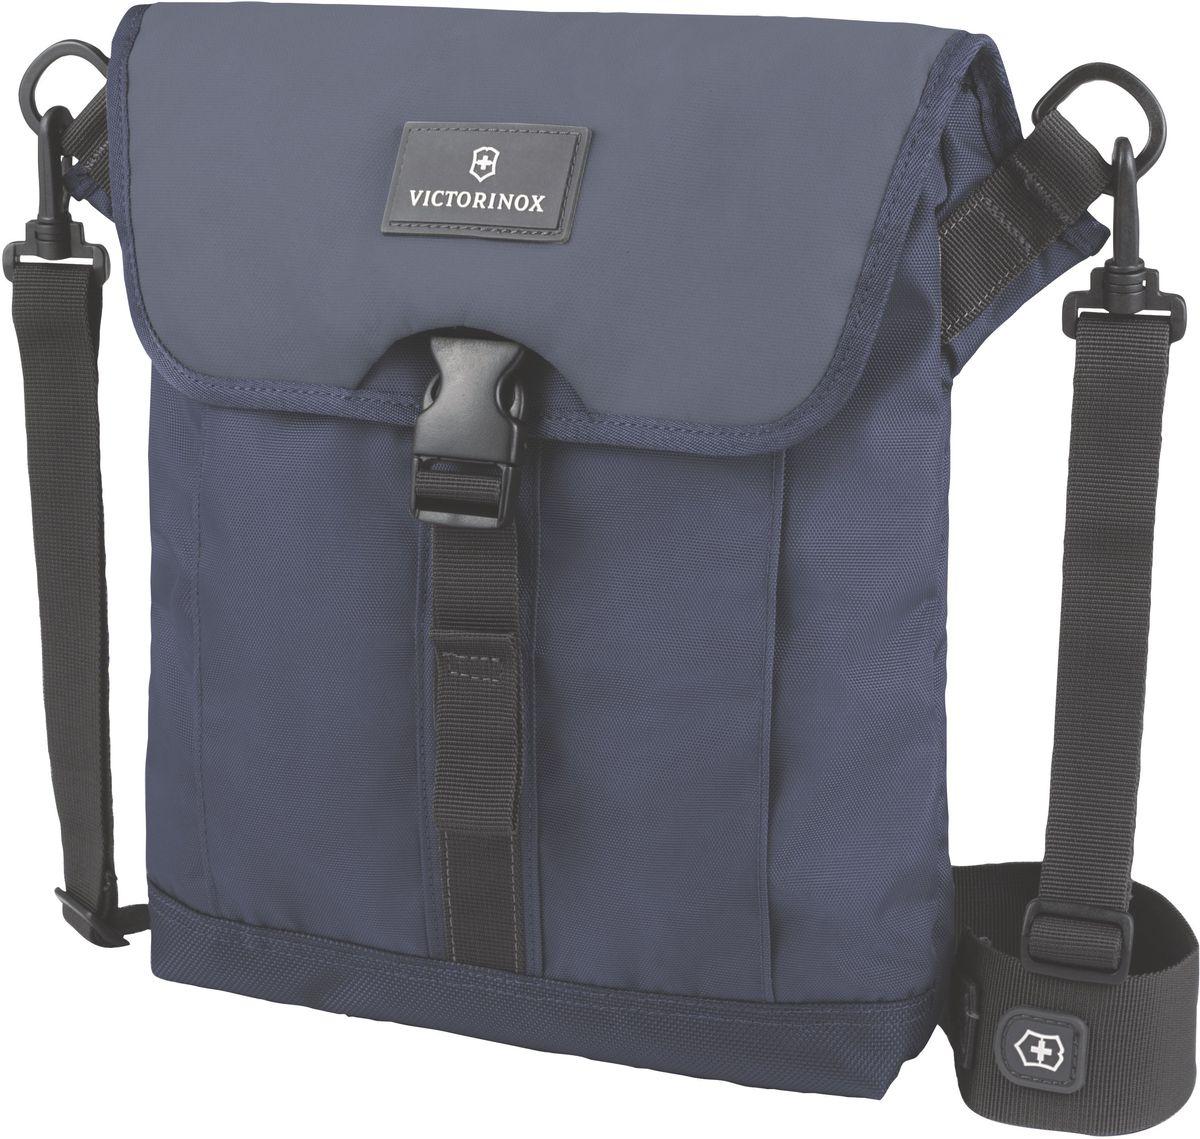 Сумка наплечная Victorinox Altmont 3.0 Flapover Bag, цвет: синий. 32389209ГризлиСумка наплечная Victorinox Altmont 3.0 Flapover Bag выполнена из высококачественного нейлона и оформлена фирменной нашивкой. Изделие оснащено мягким карманом для электронного устройства диагональю 10 (25 см) для хранения iPad, Kindle, планшета или электронной книги.Внешняя сторона включает в себя передний карман с застёжкой-клапаном.Лицевые, боковые и задние скрытые карманы на молнии обеспечивают дополнительную безопасность и места для хранения.Регулируемый съемный плечевой ремень для удобства переноски.